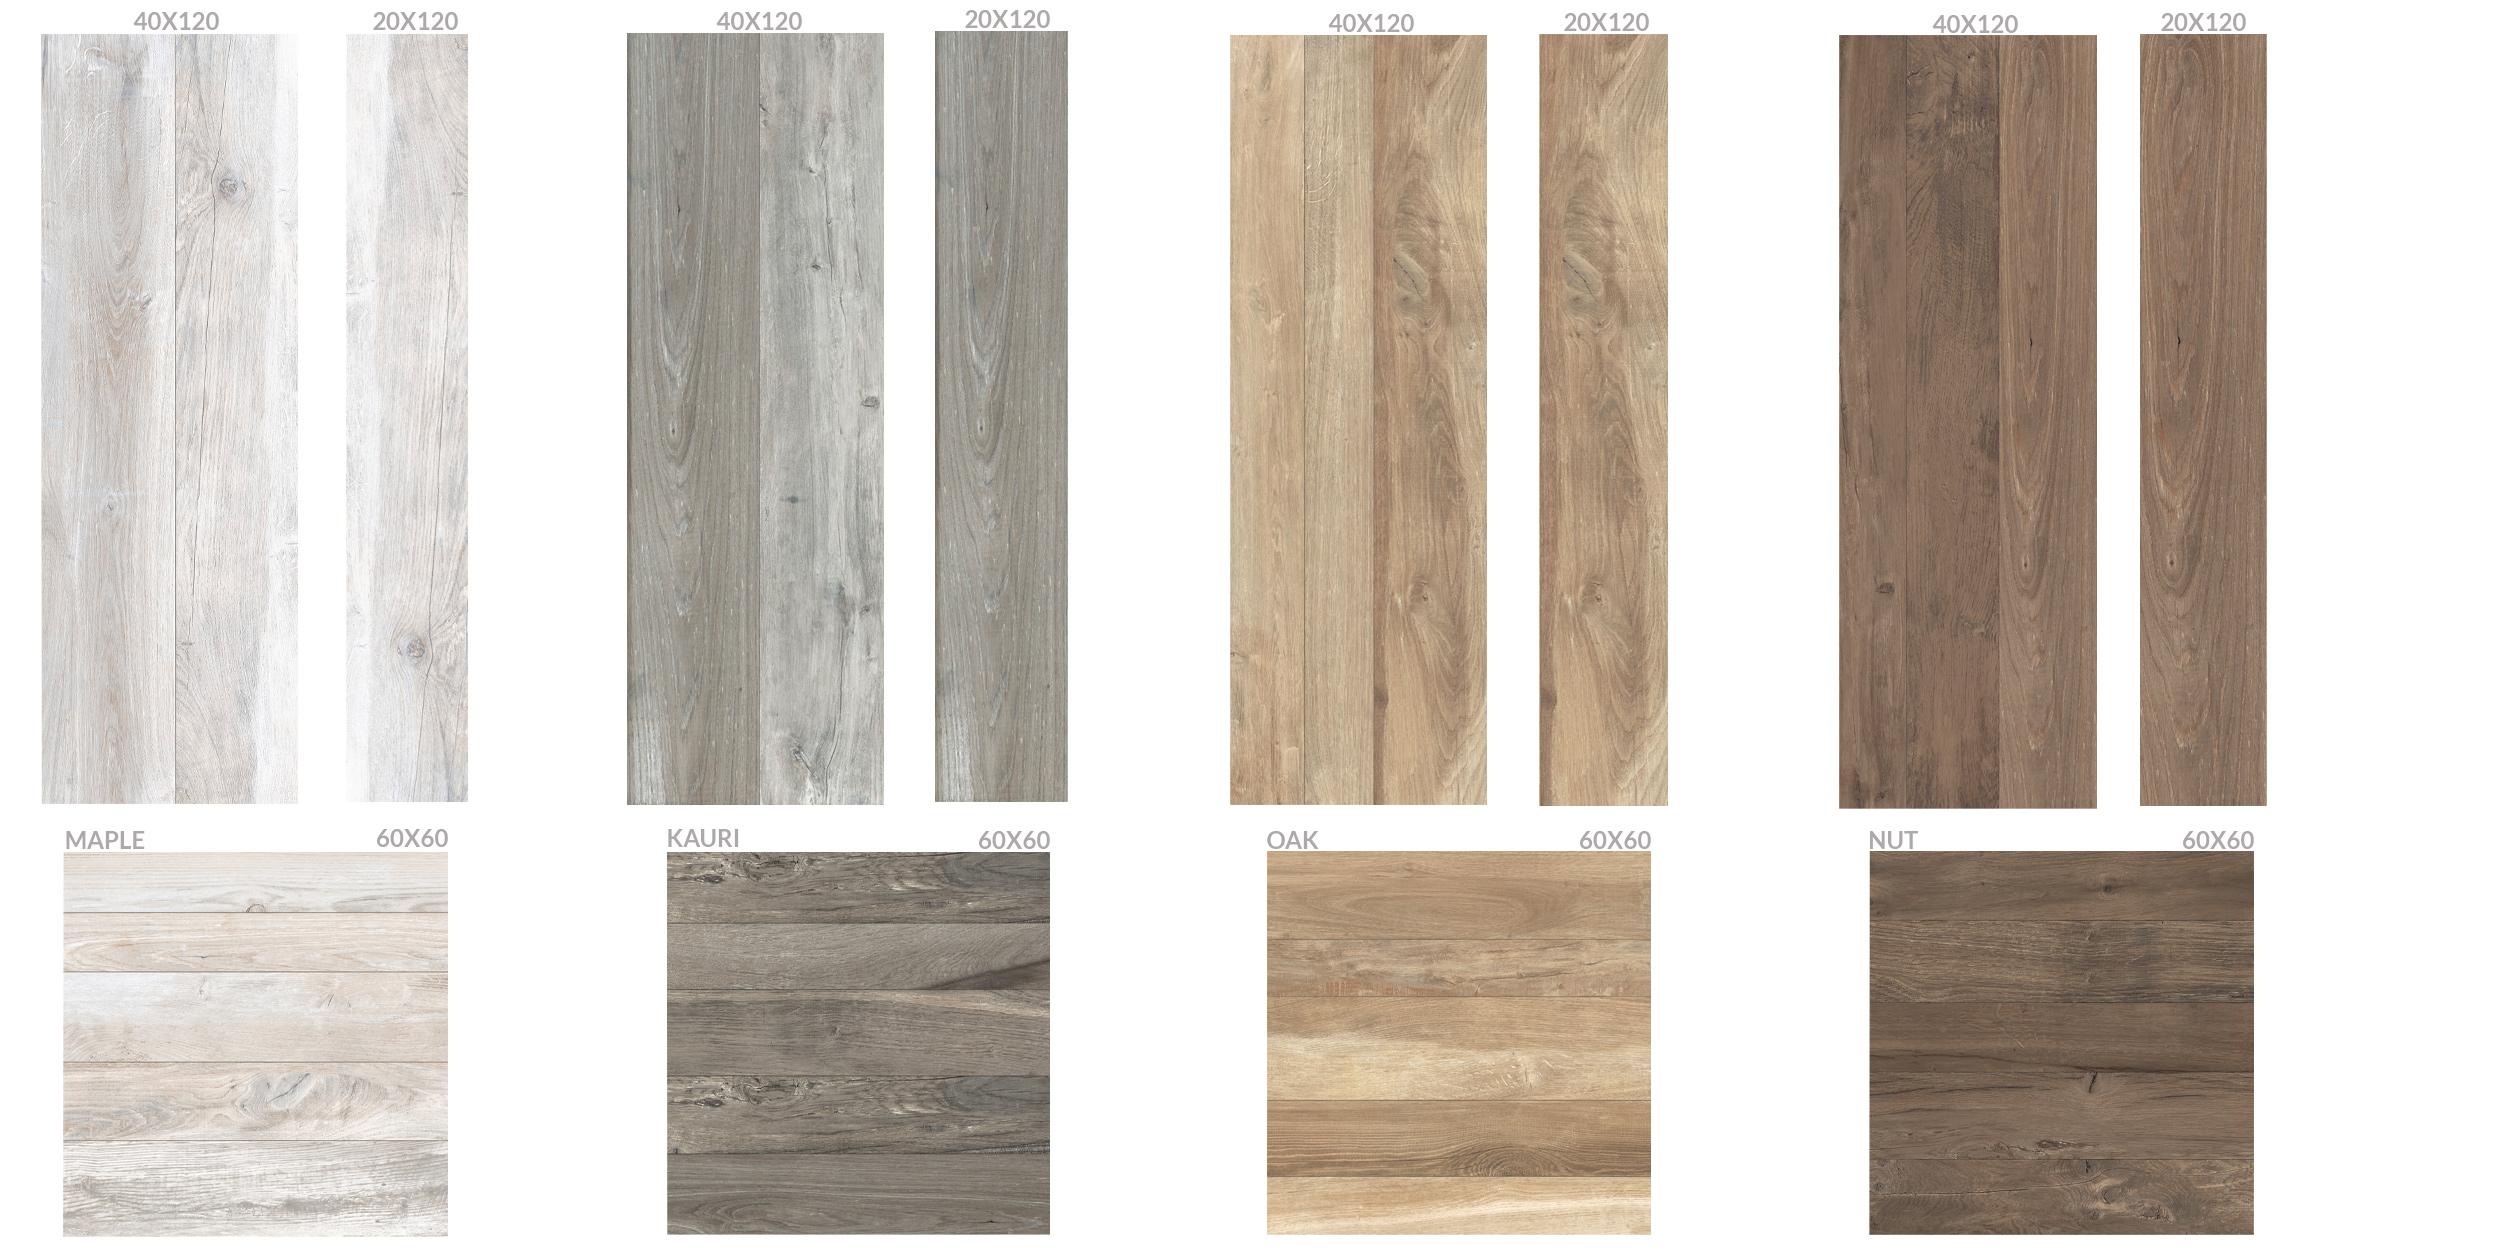 Pavimenti In Legno Per Terrazzi finitura legno a doghe - linea kronos - fantastiche finiture